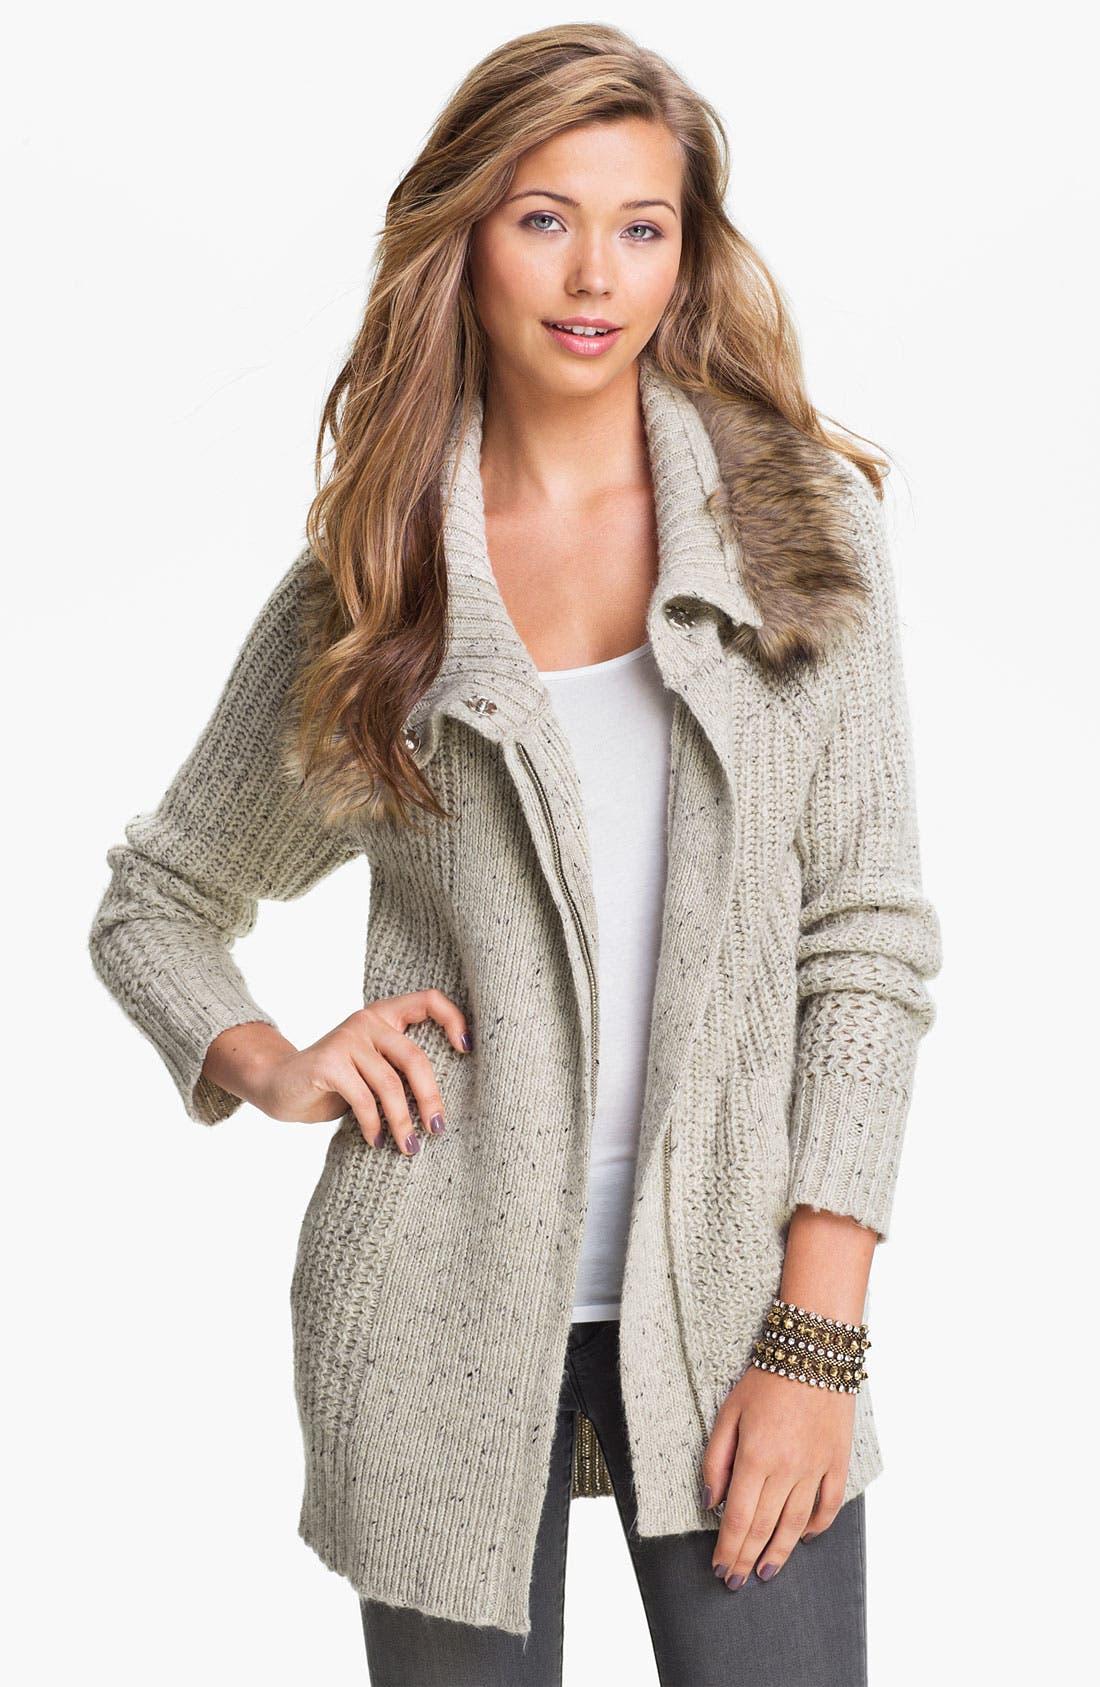 Alternate Image 1 Selected - Rubbish® Faux Fur Collar Cardigan (Juniors)